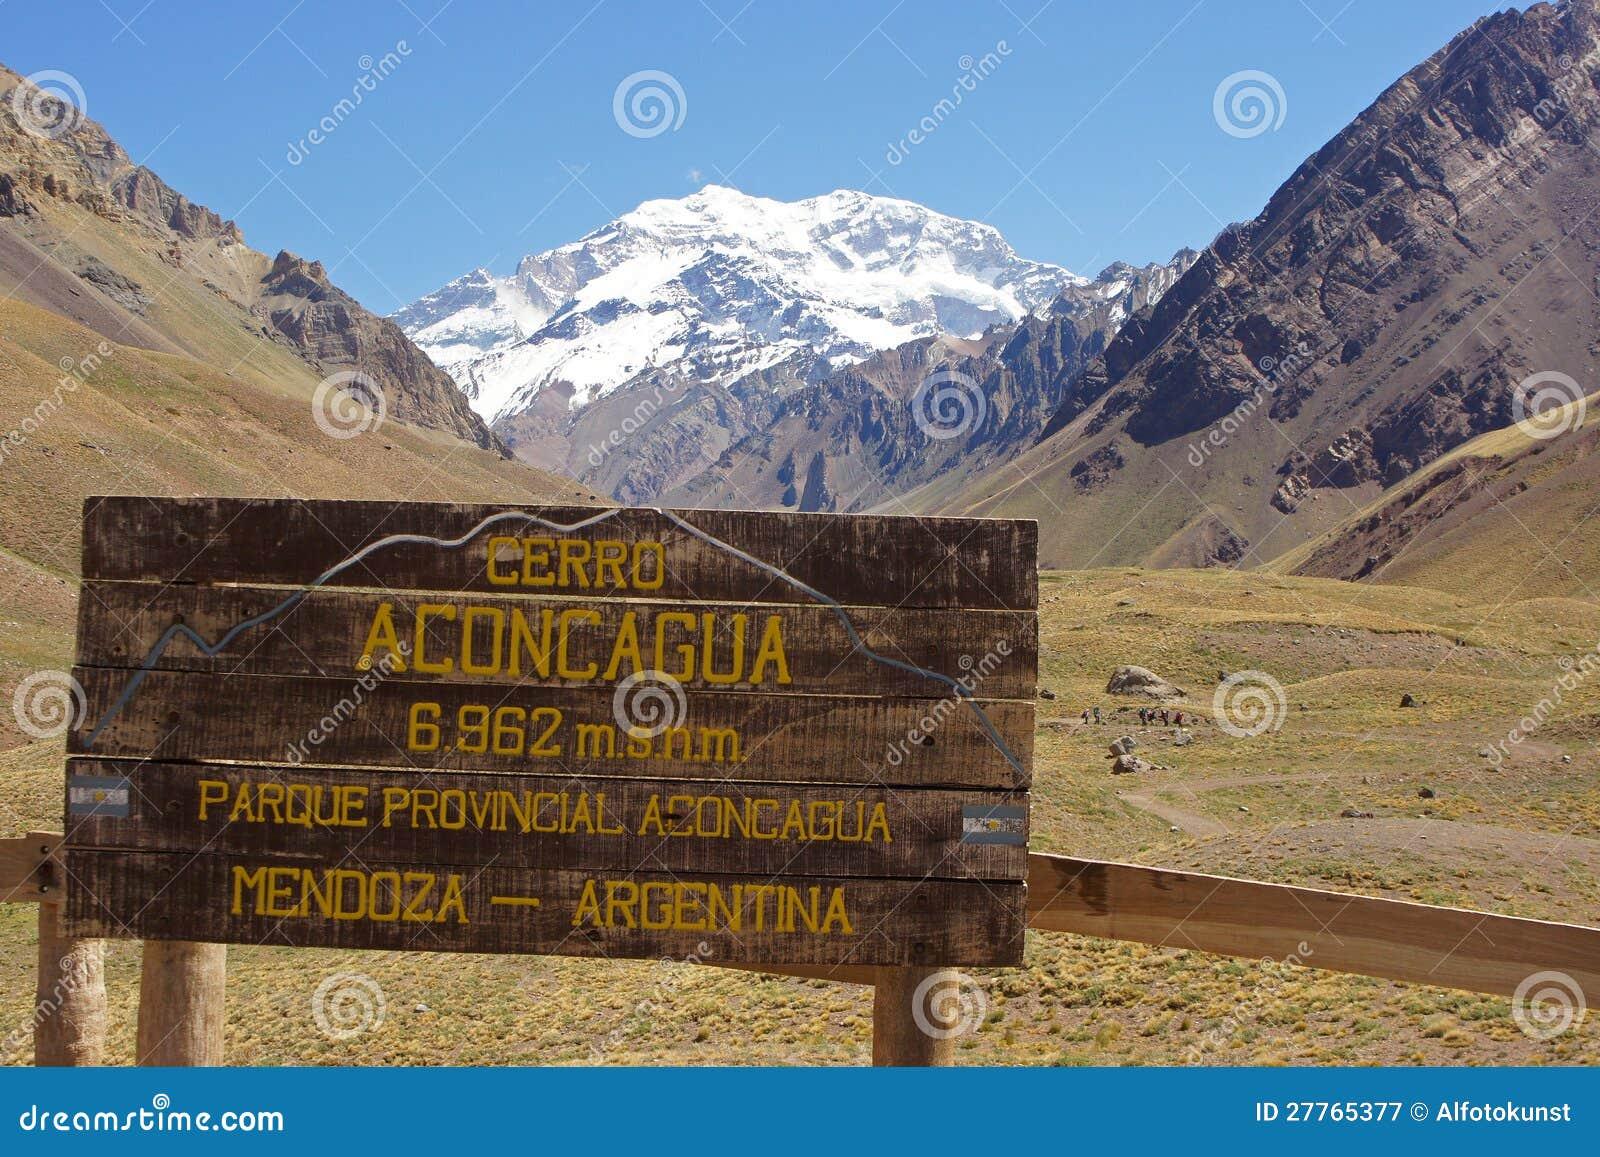 Le NP Aconcagua, montagnes des Andes, Argentine